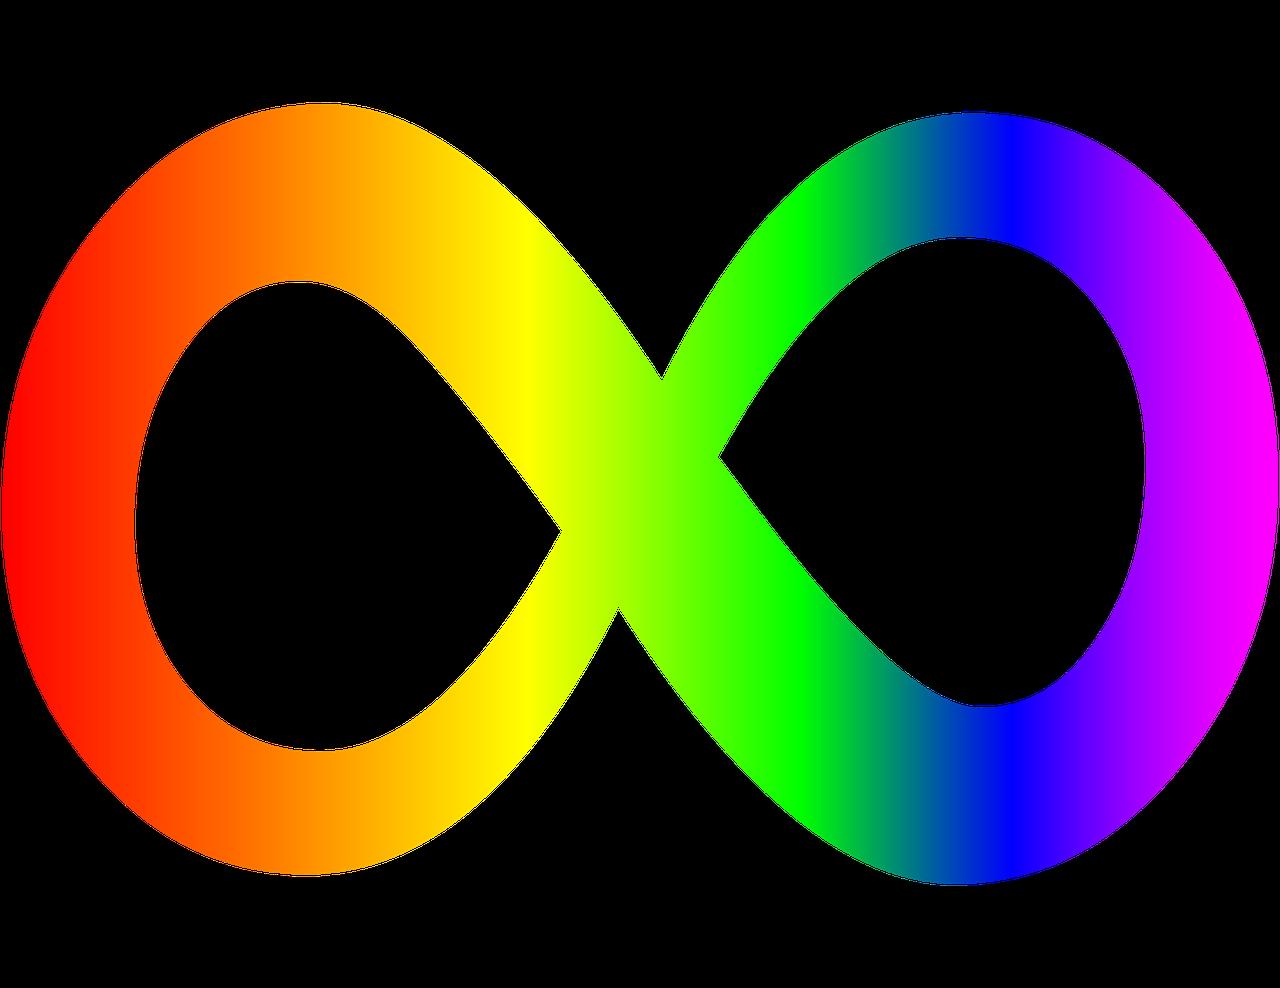 symbol-of-infinity-of-autism-